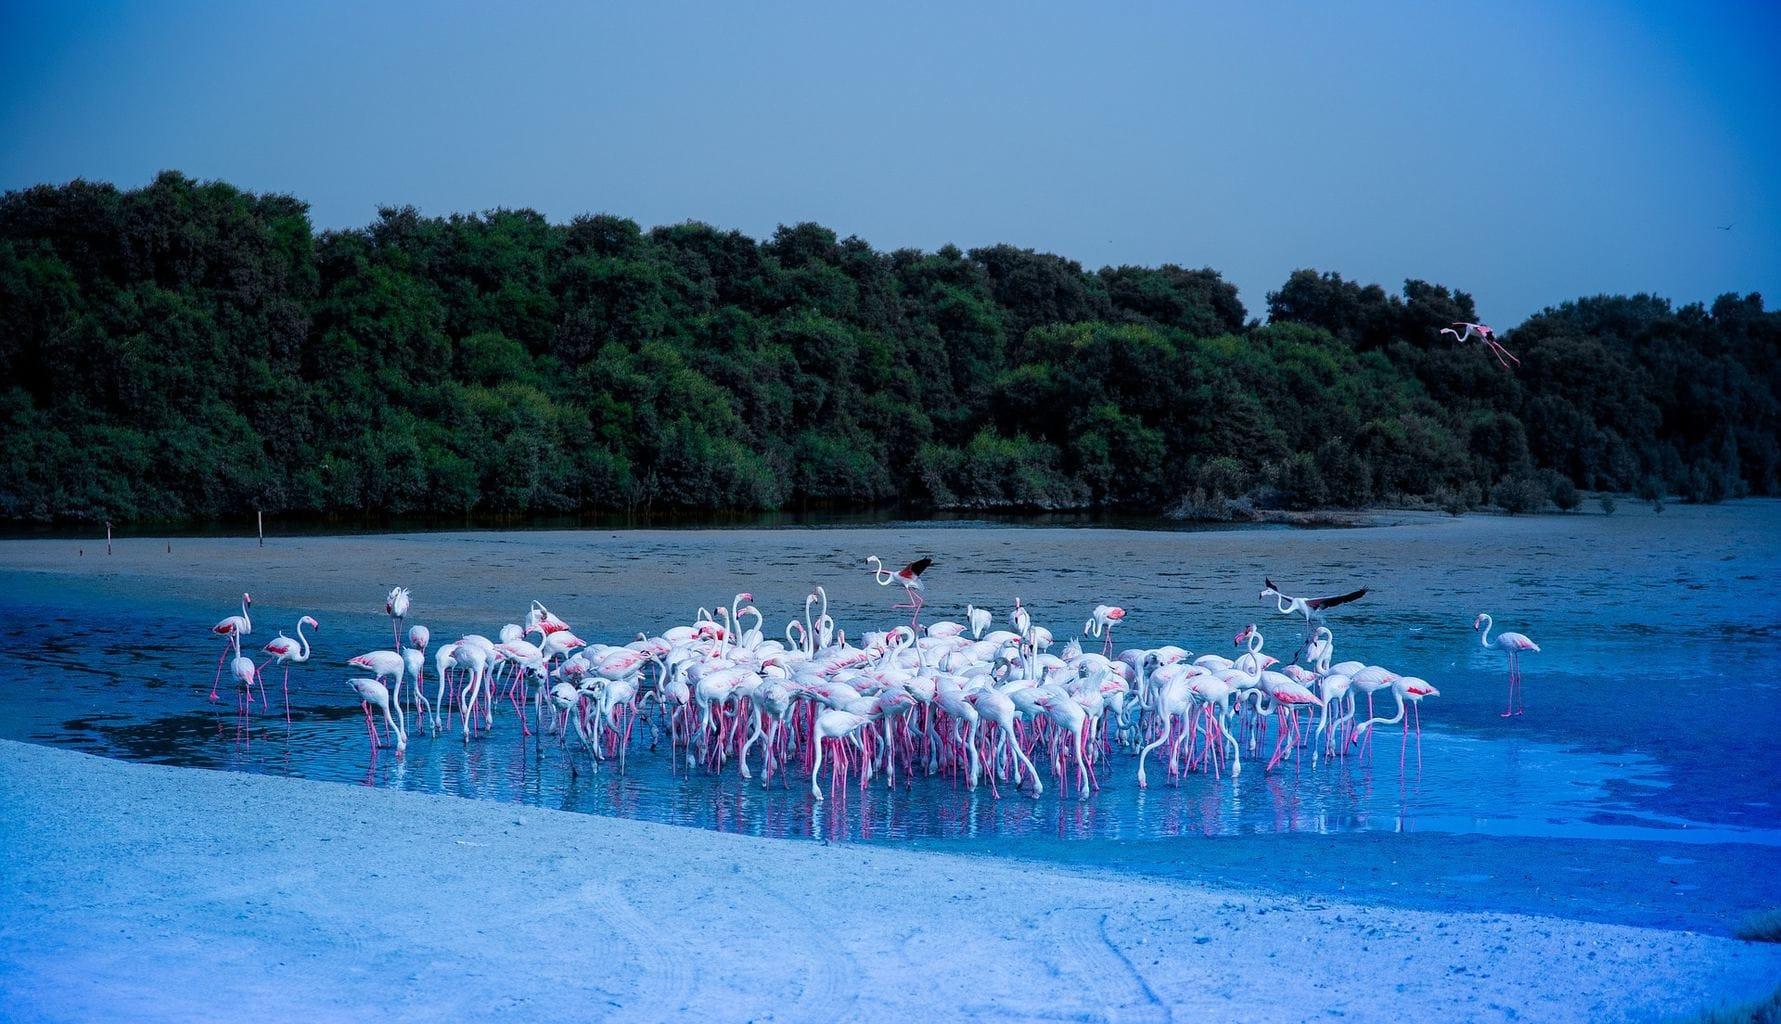 Spot flamingos at Ras Al Khor